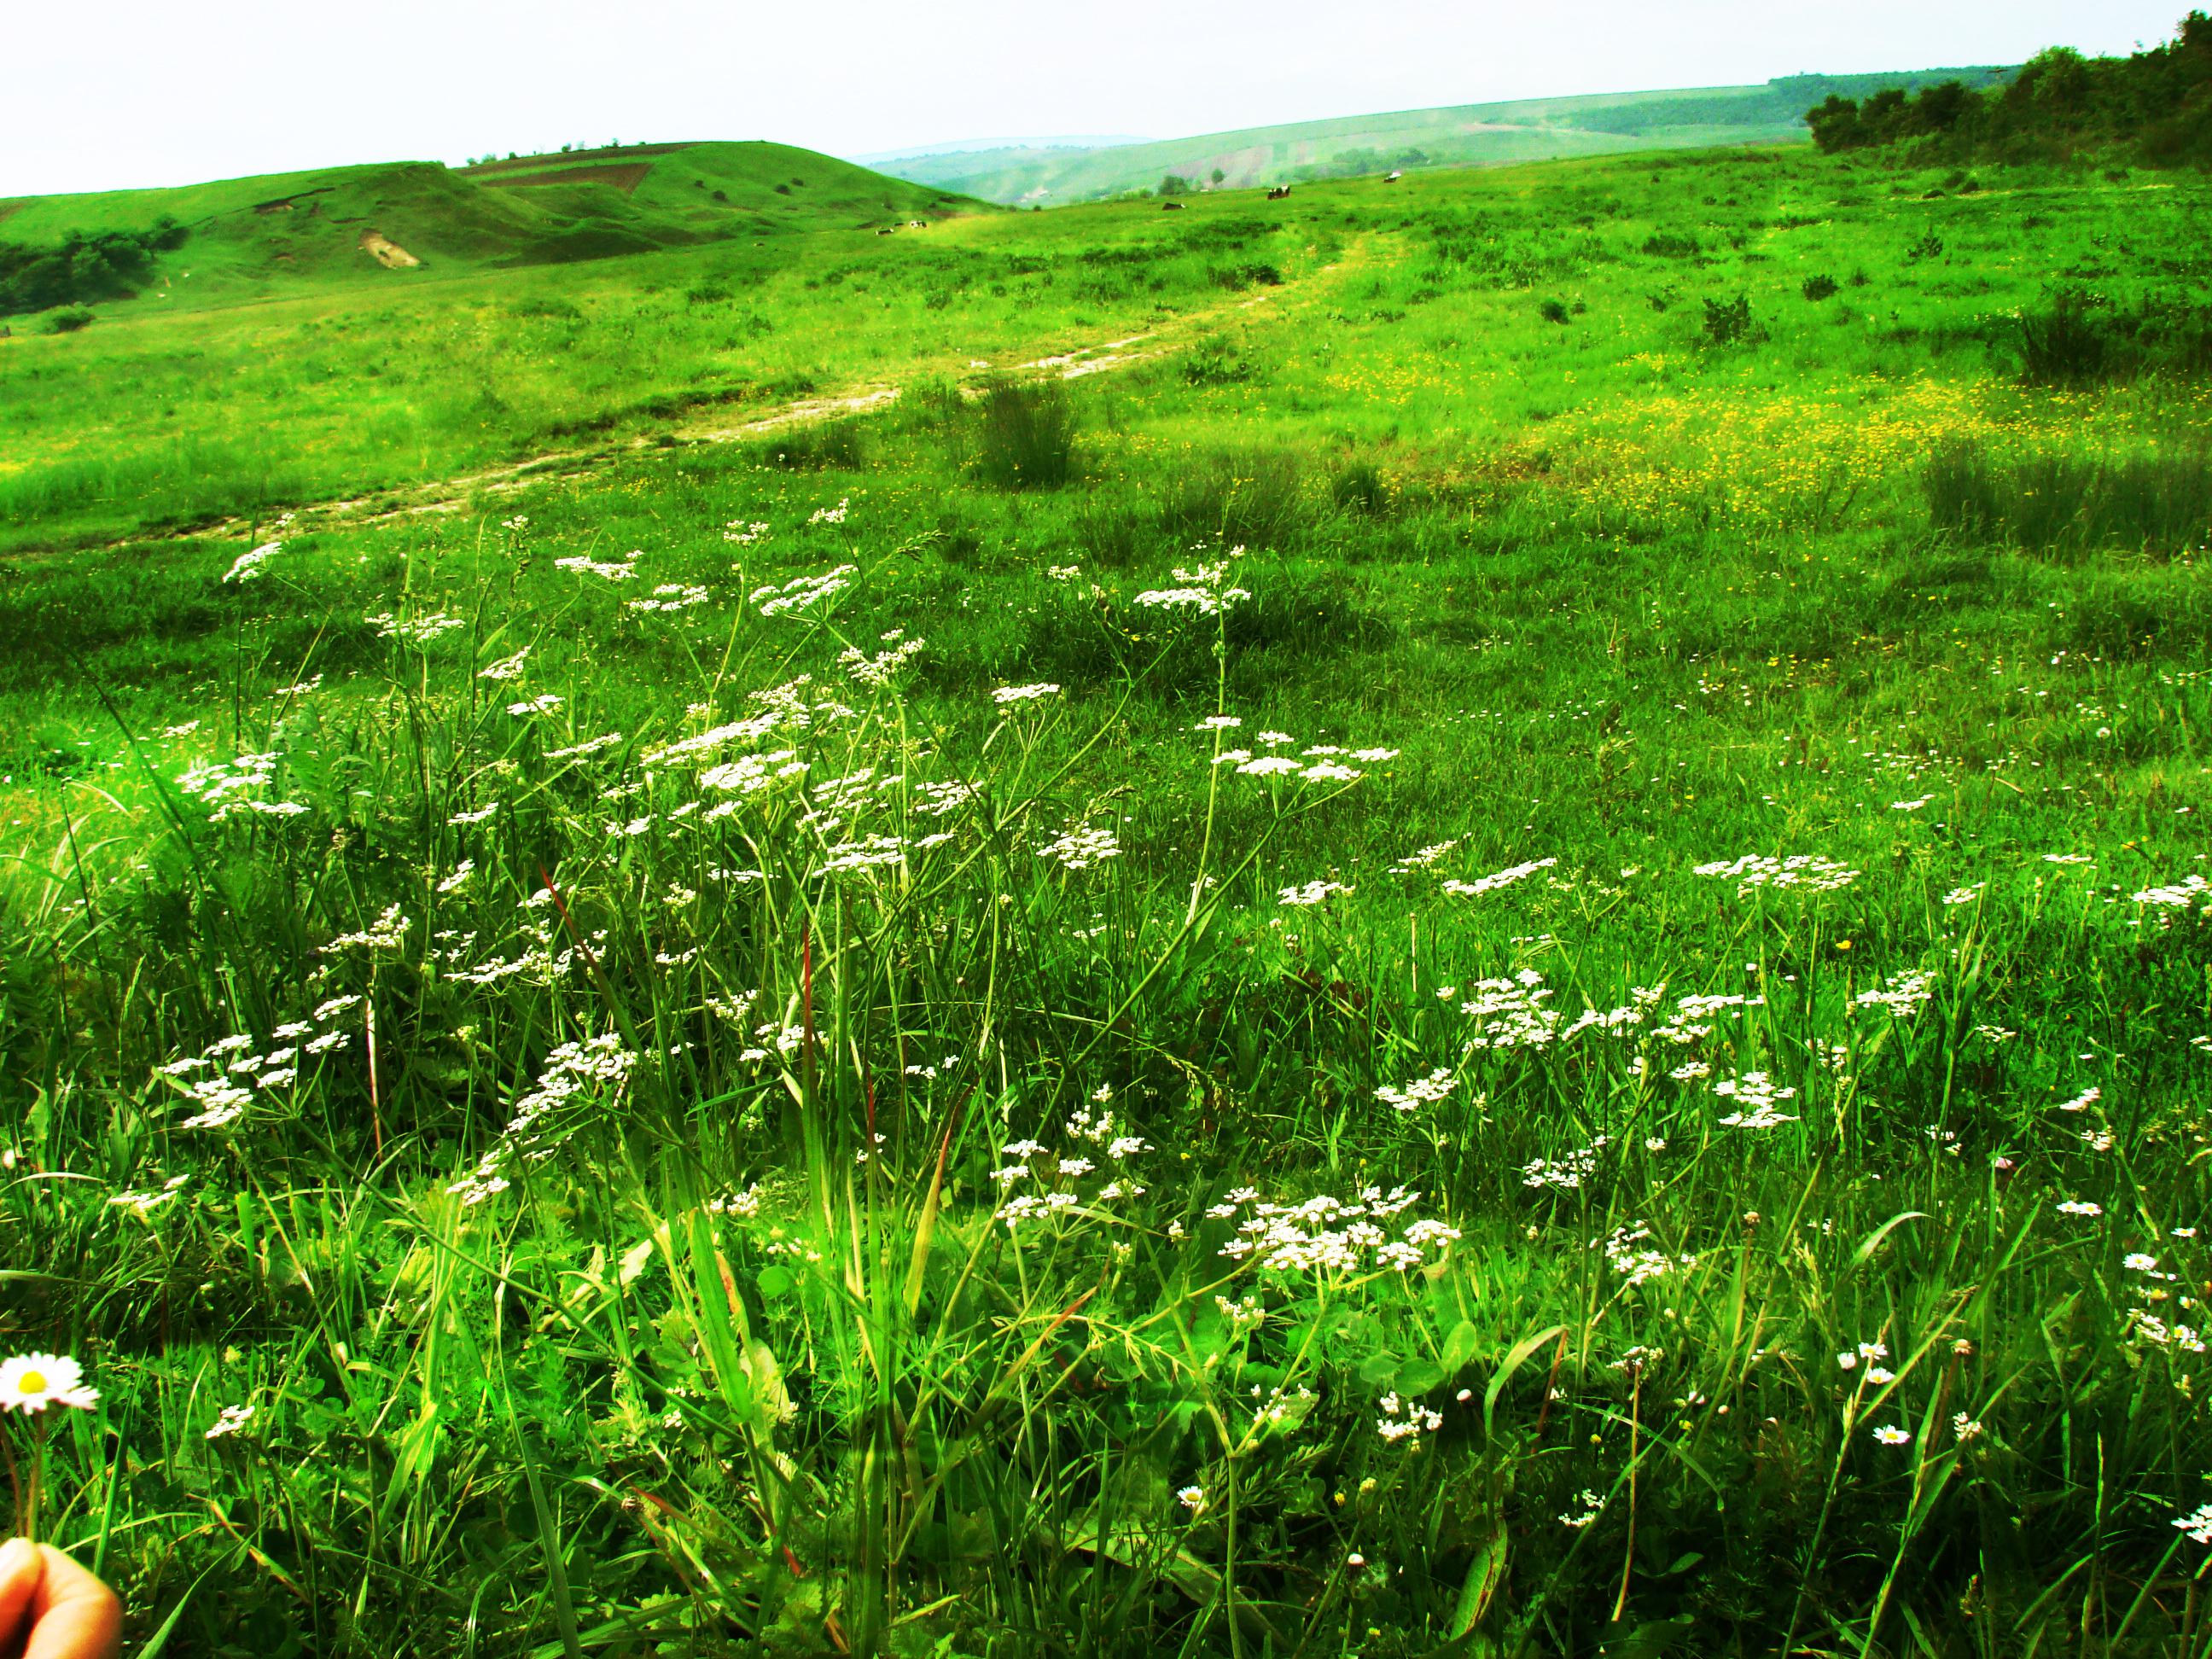 Green Field V1 By Lorylinn-stock On DeviantArt